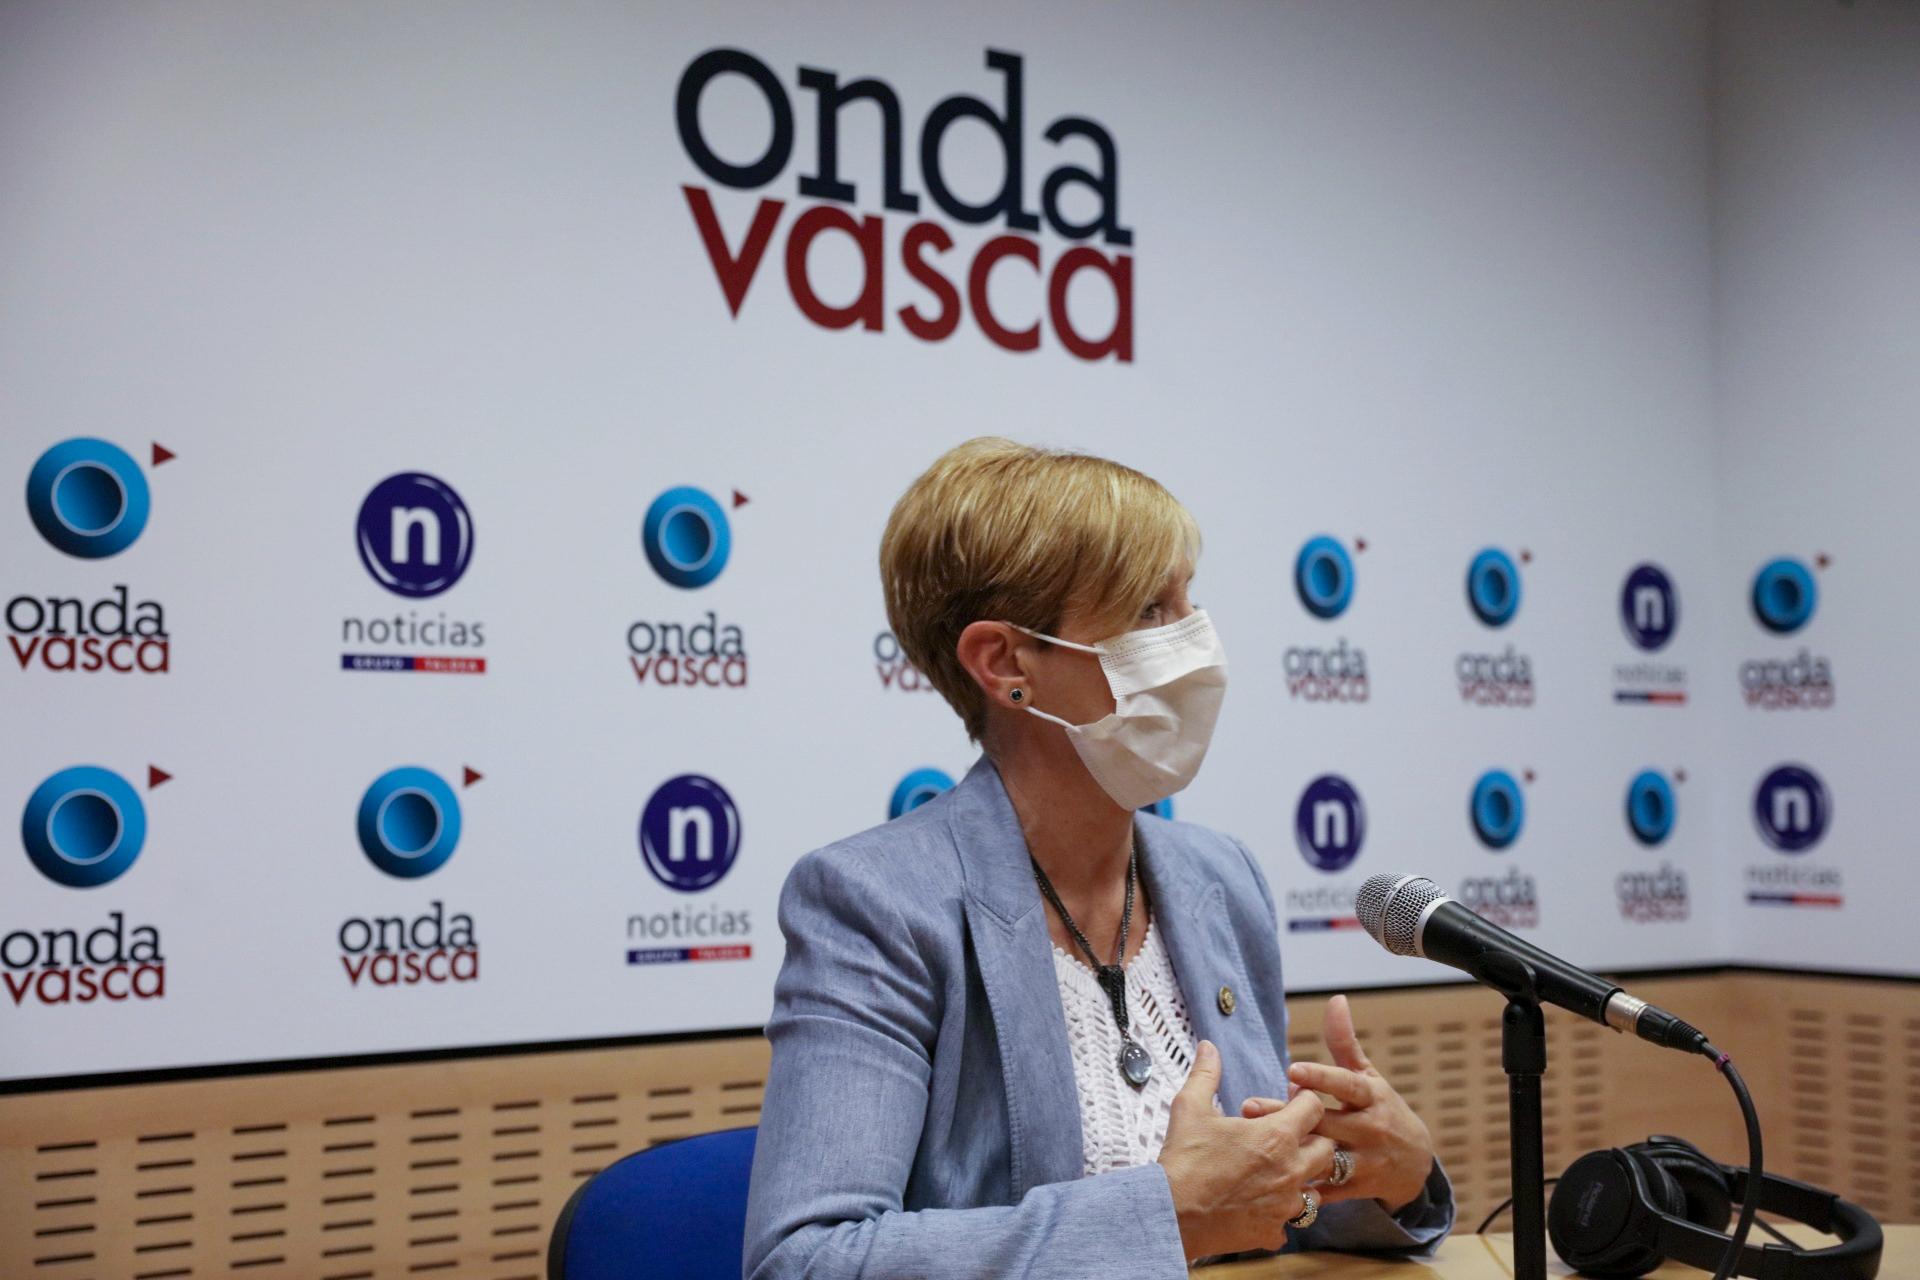 Tapia_Onda_Vasca_2.jpg